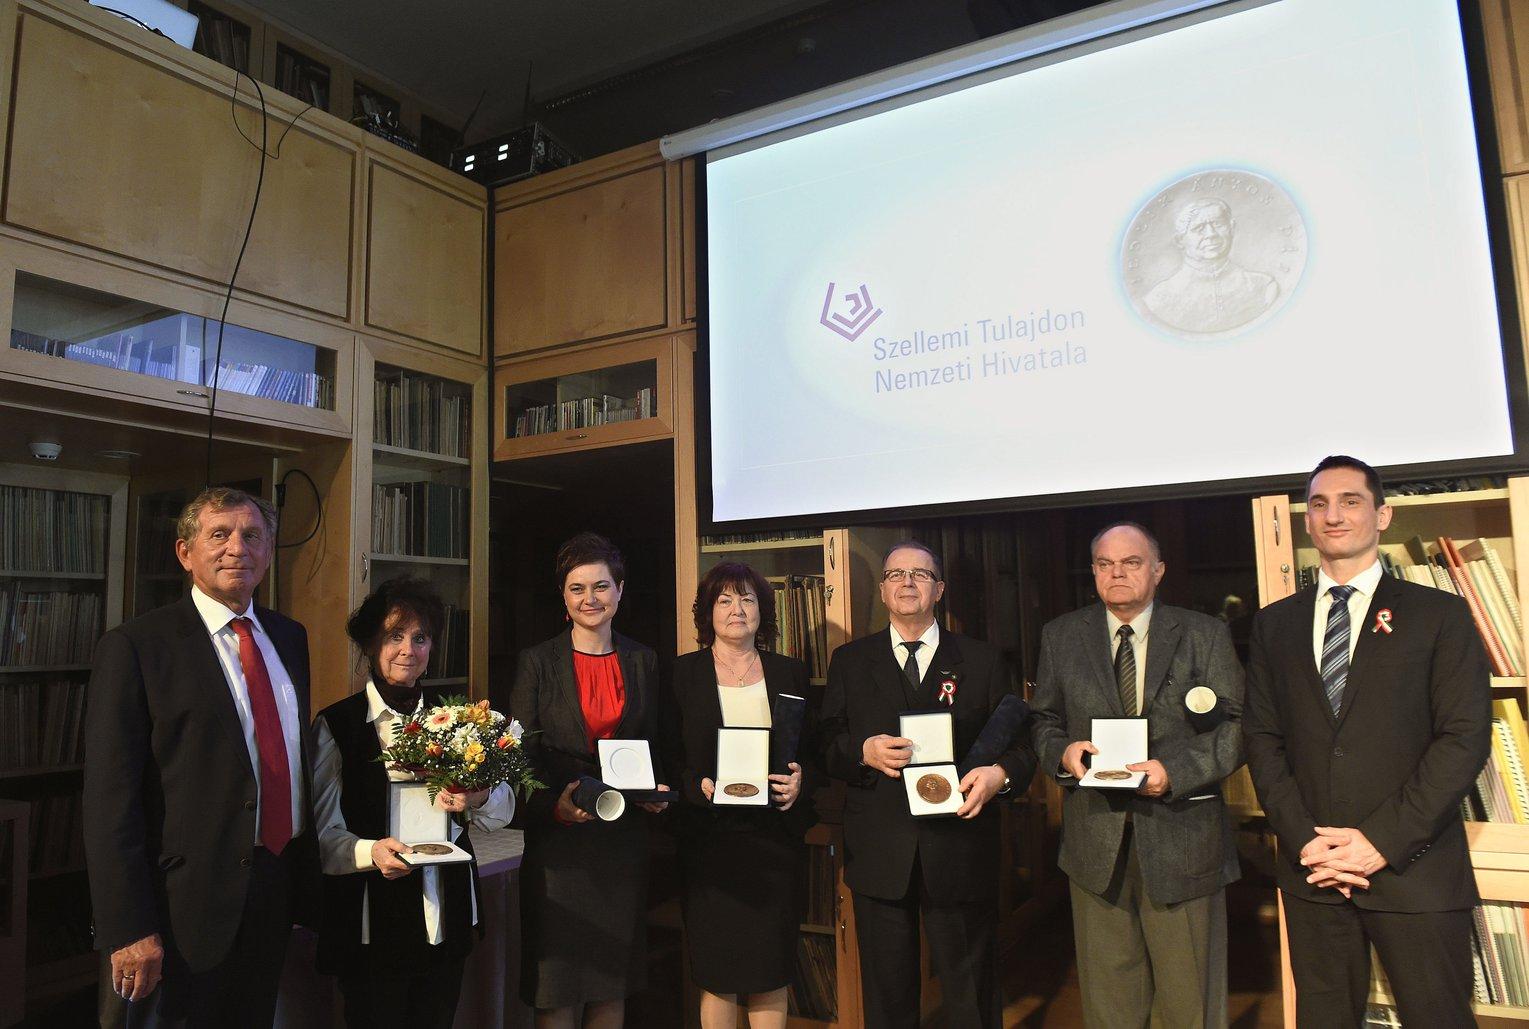 A díjazottak, illetve képviselőik, Takáts Attiláné, a díjazott Takáts Zoltán kutatóvegyész, az Imperial College professzorának édesanyja (b2), Ilku Lívia gyógyszerész, a Magyarországi Gyógyszergyártók Szövetségének igazgatója (b3), Farkasné Fenyves Judit, a díjazott Farkas József gépészmérnök, a Sanatmetal Kft. tulajdonos igazgatójának felesége (b4), Mészáros Antal, a hódmezővásárhelyi Csomiép Betonmelior Kft. ügyvezető igazgatója (j3) és Glódi István villamosmérnök, nyugdíjas szabadadalmi elbíráló (j2), valamint a díjátadók, Luszcz Viktor, a Szellemi Tulajdon Nemzeti Hivatal elnöke (j) és Lepsényi István gazdaságfejlesztésért és -szabályozásért felelős államtitkár (b) az idei Jedlik Ányos-díjak átadásán a BMC Magyar Zenei Információs Központ és Könyvtárban 2017. március 13-án. MTI Fotó: Bruzák Noémi